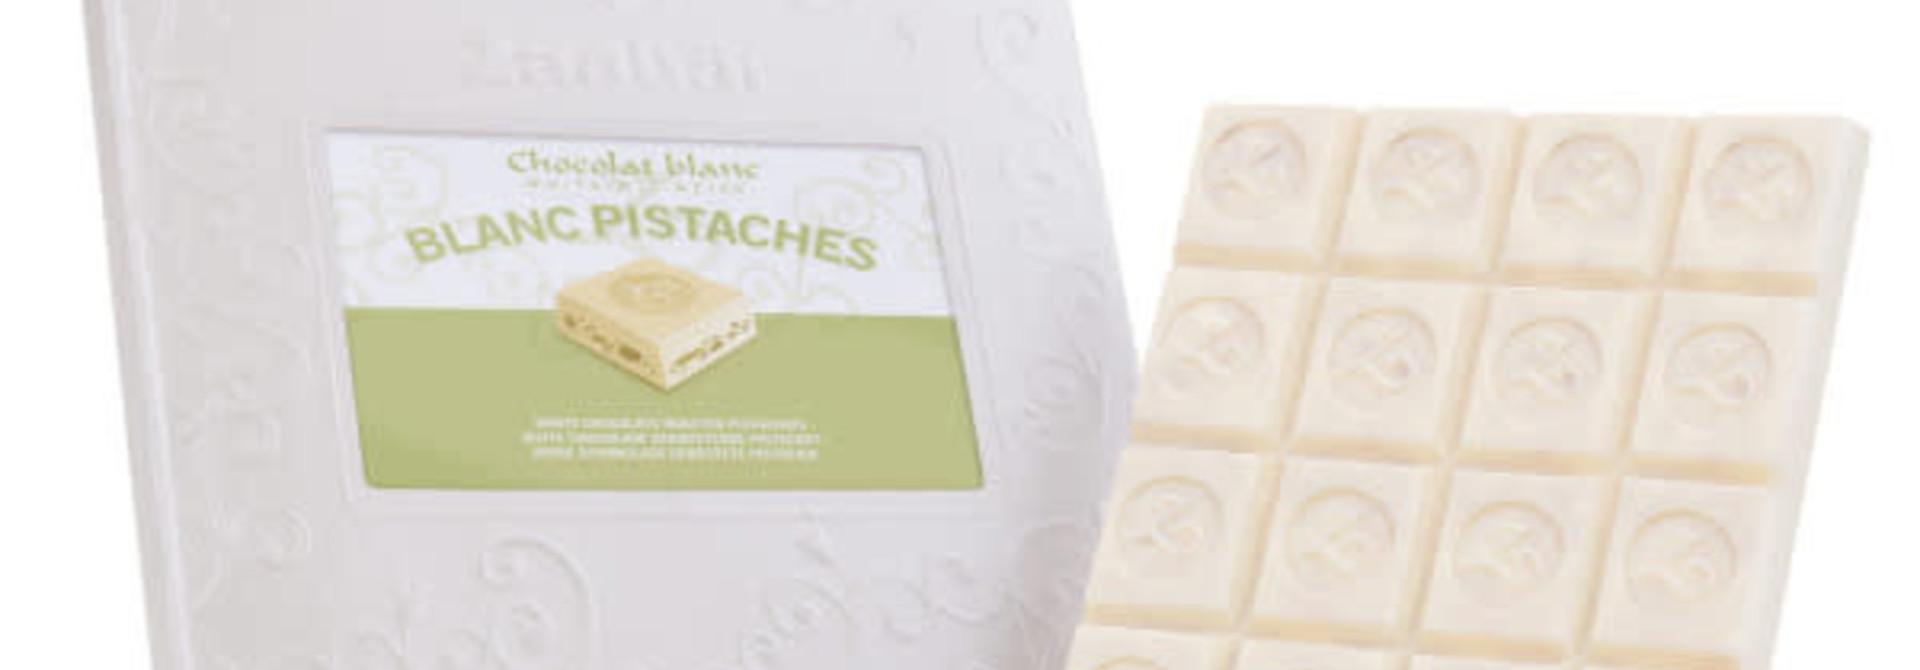 Klassic blanc pistaches